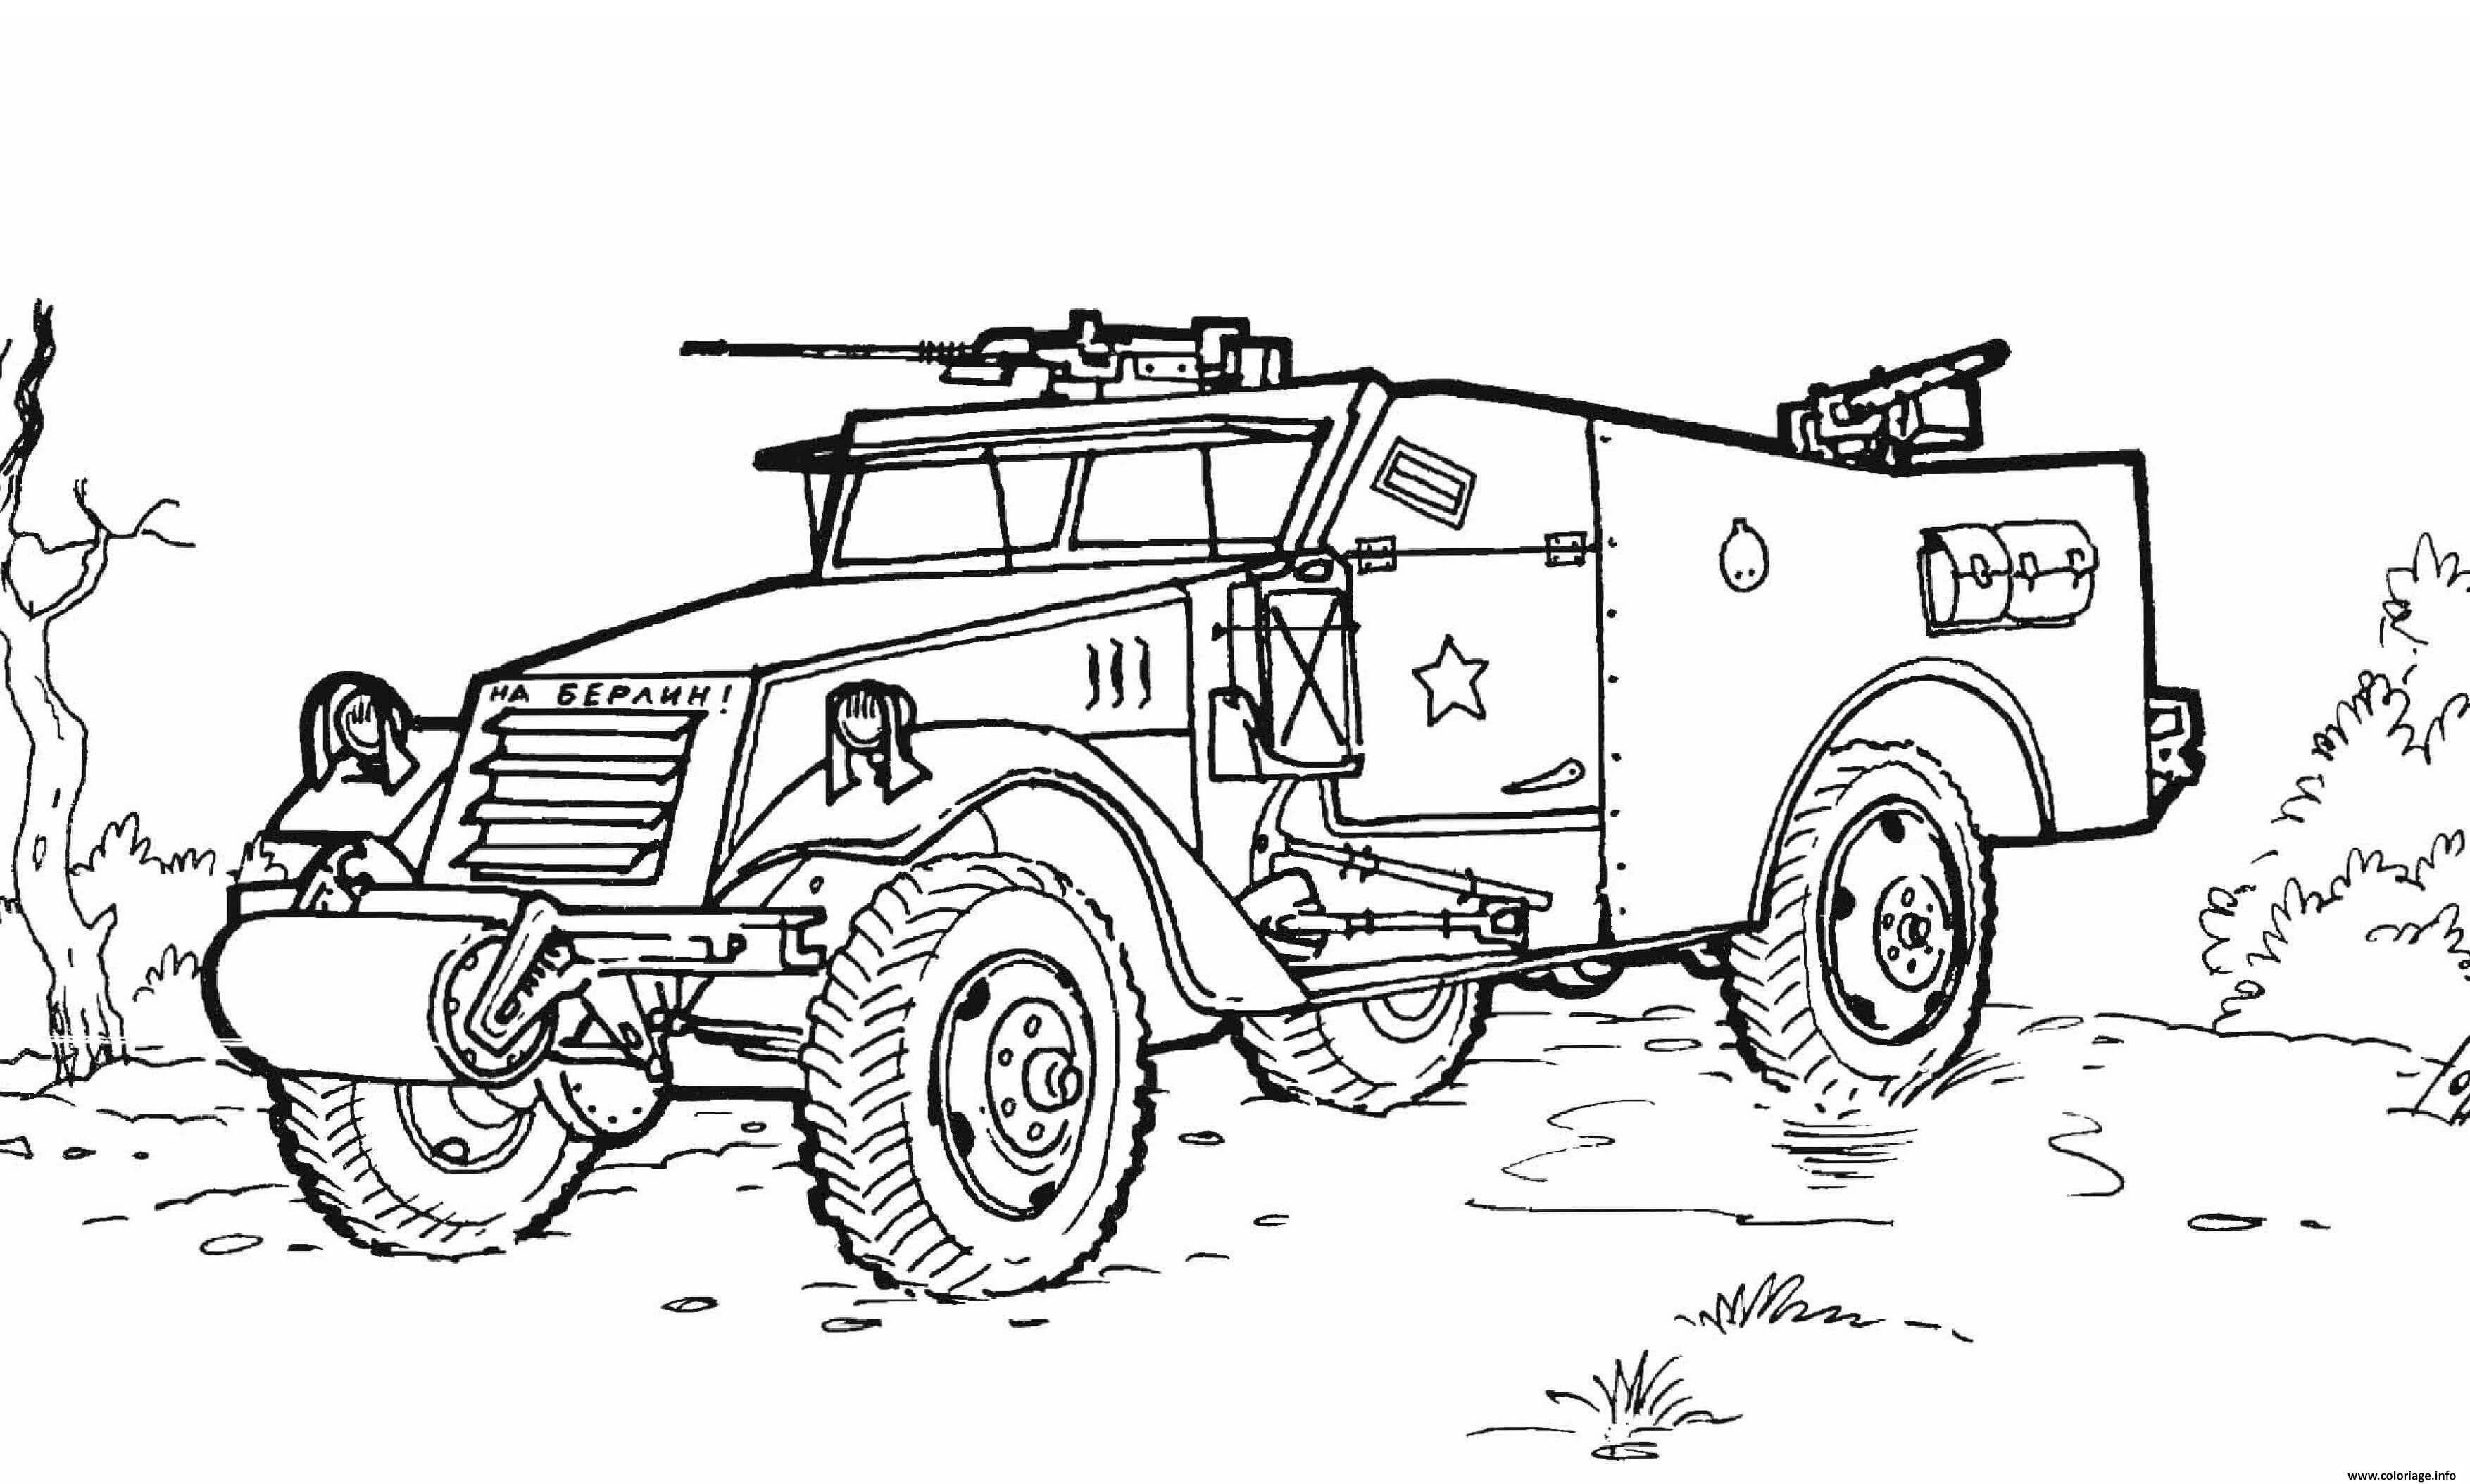 Dessin vehicule militaire avec armes Coloriage Gratuit à Imprimer